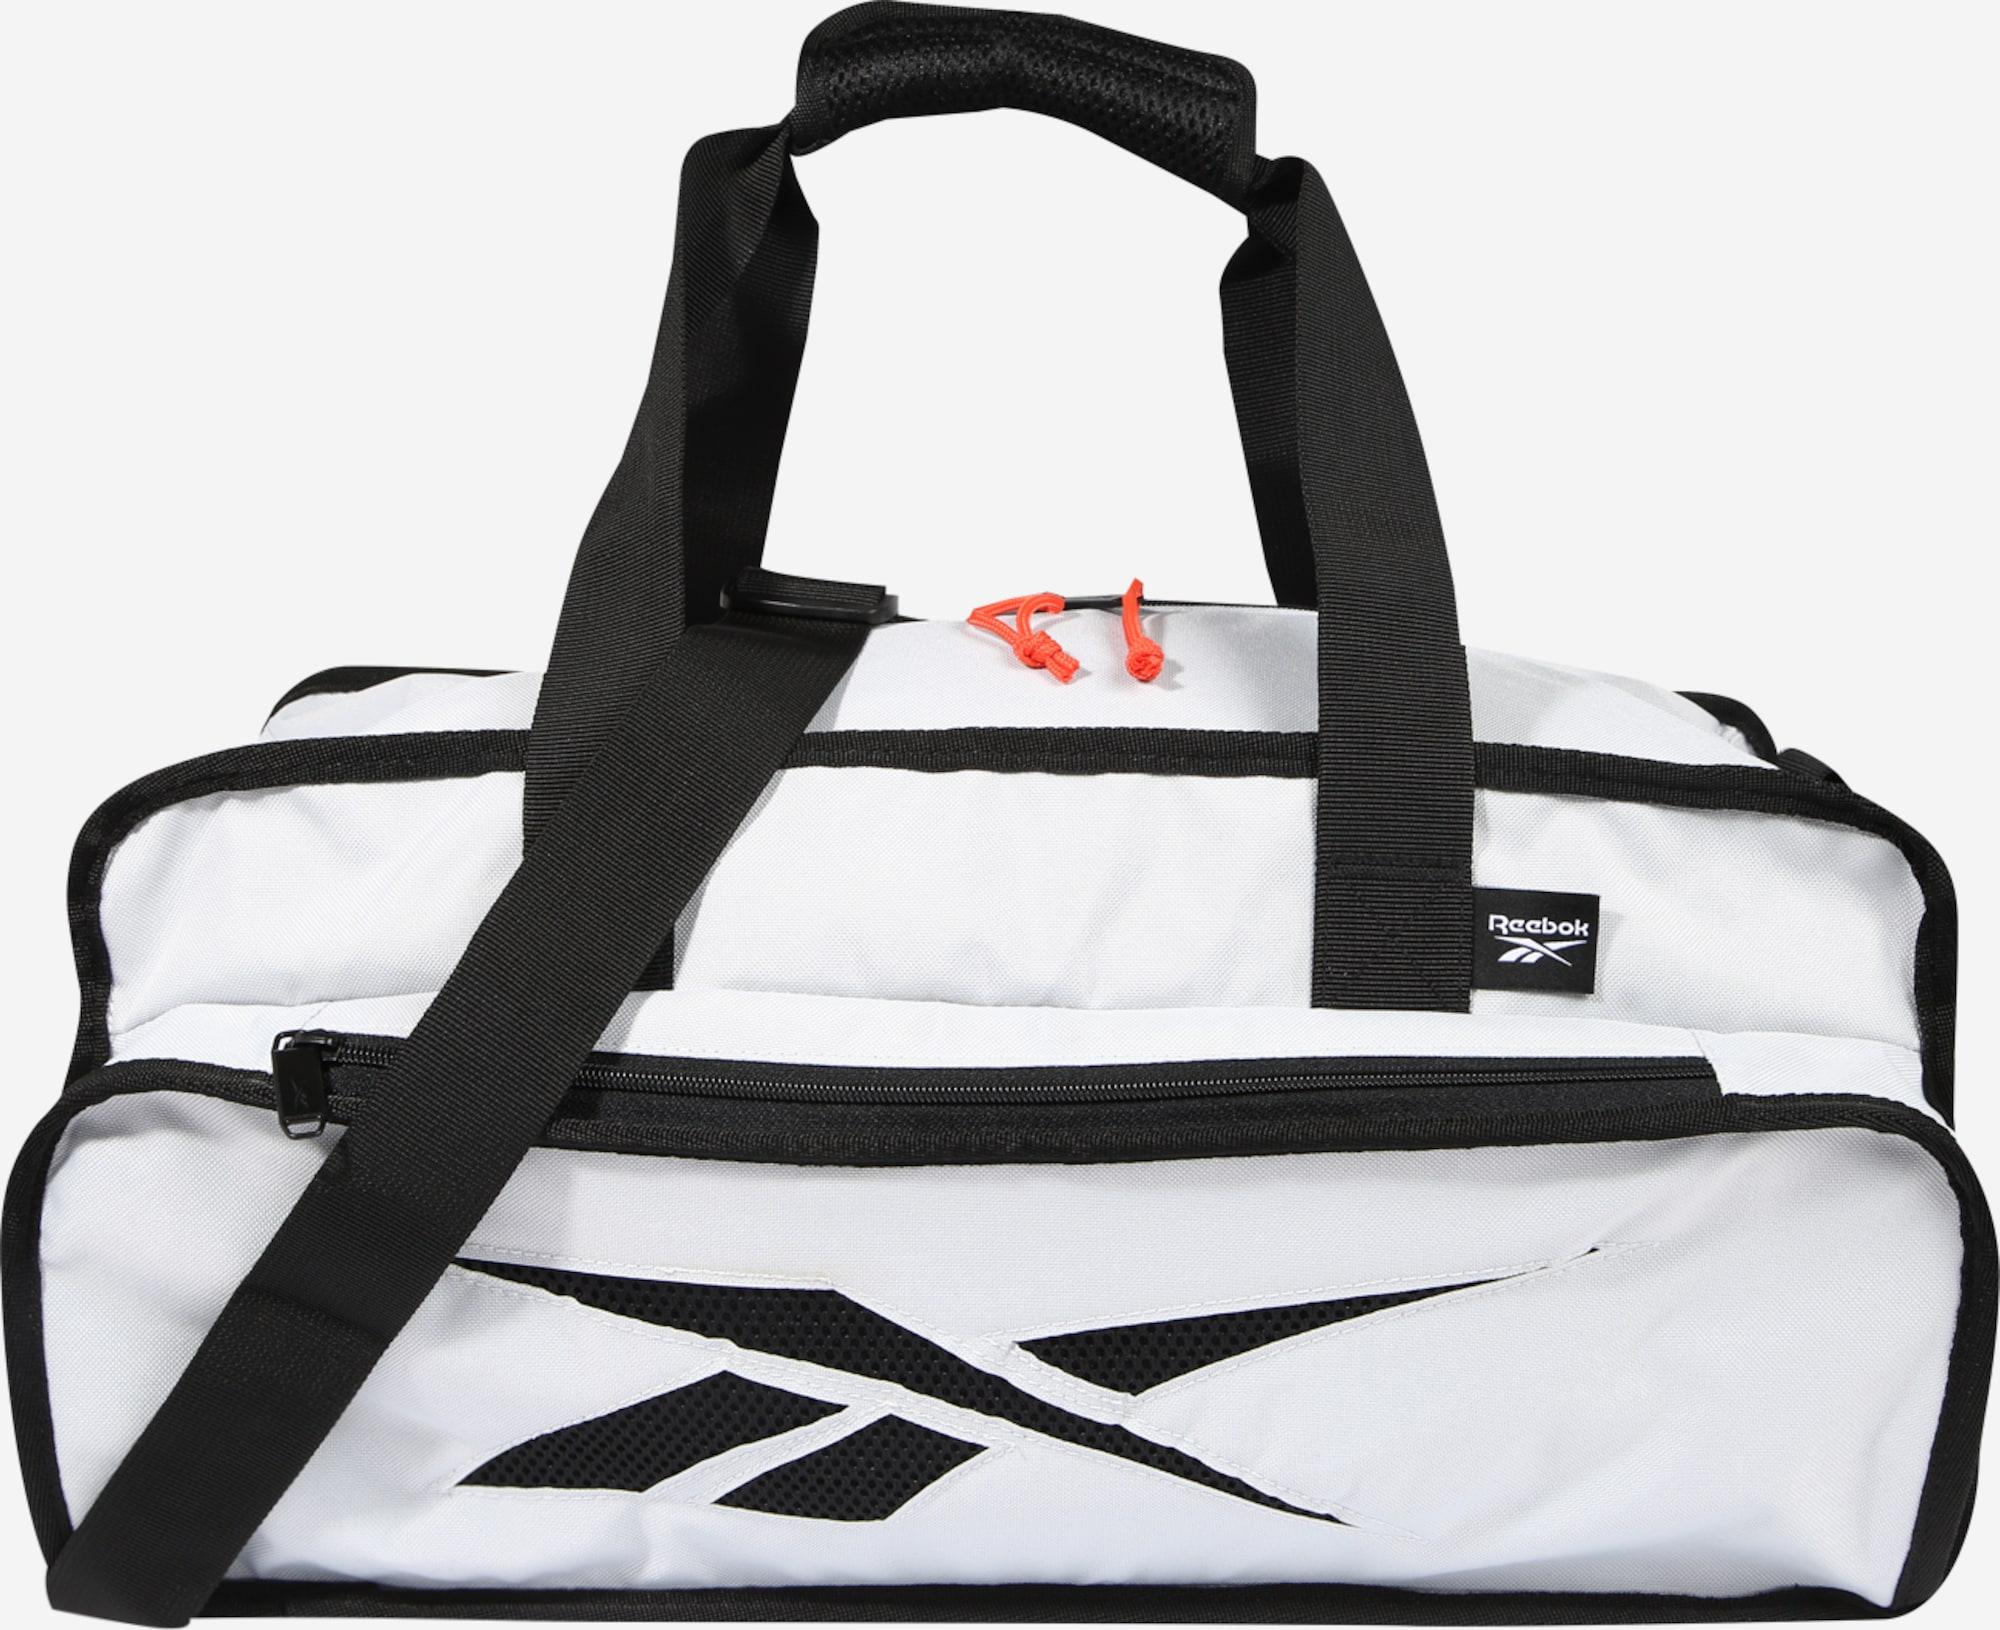 Sélection de sacs de sport Reebok en promotion - Ex : Sac de sport blanc ou noir (50 x 26 x 21 cm)